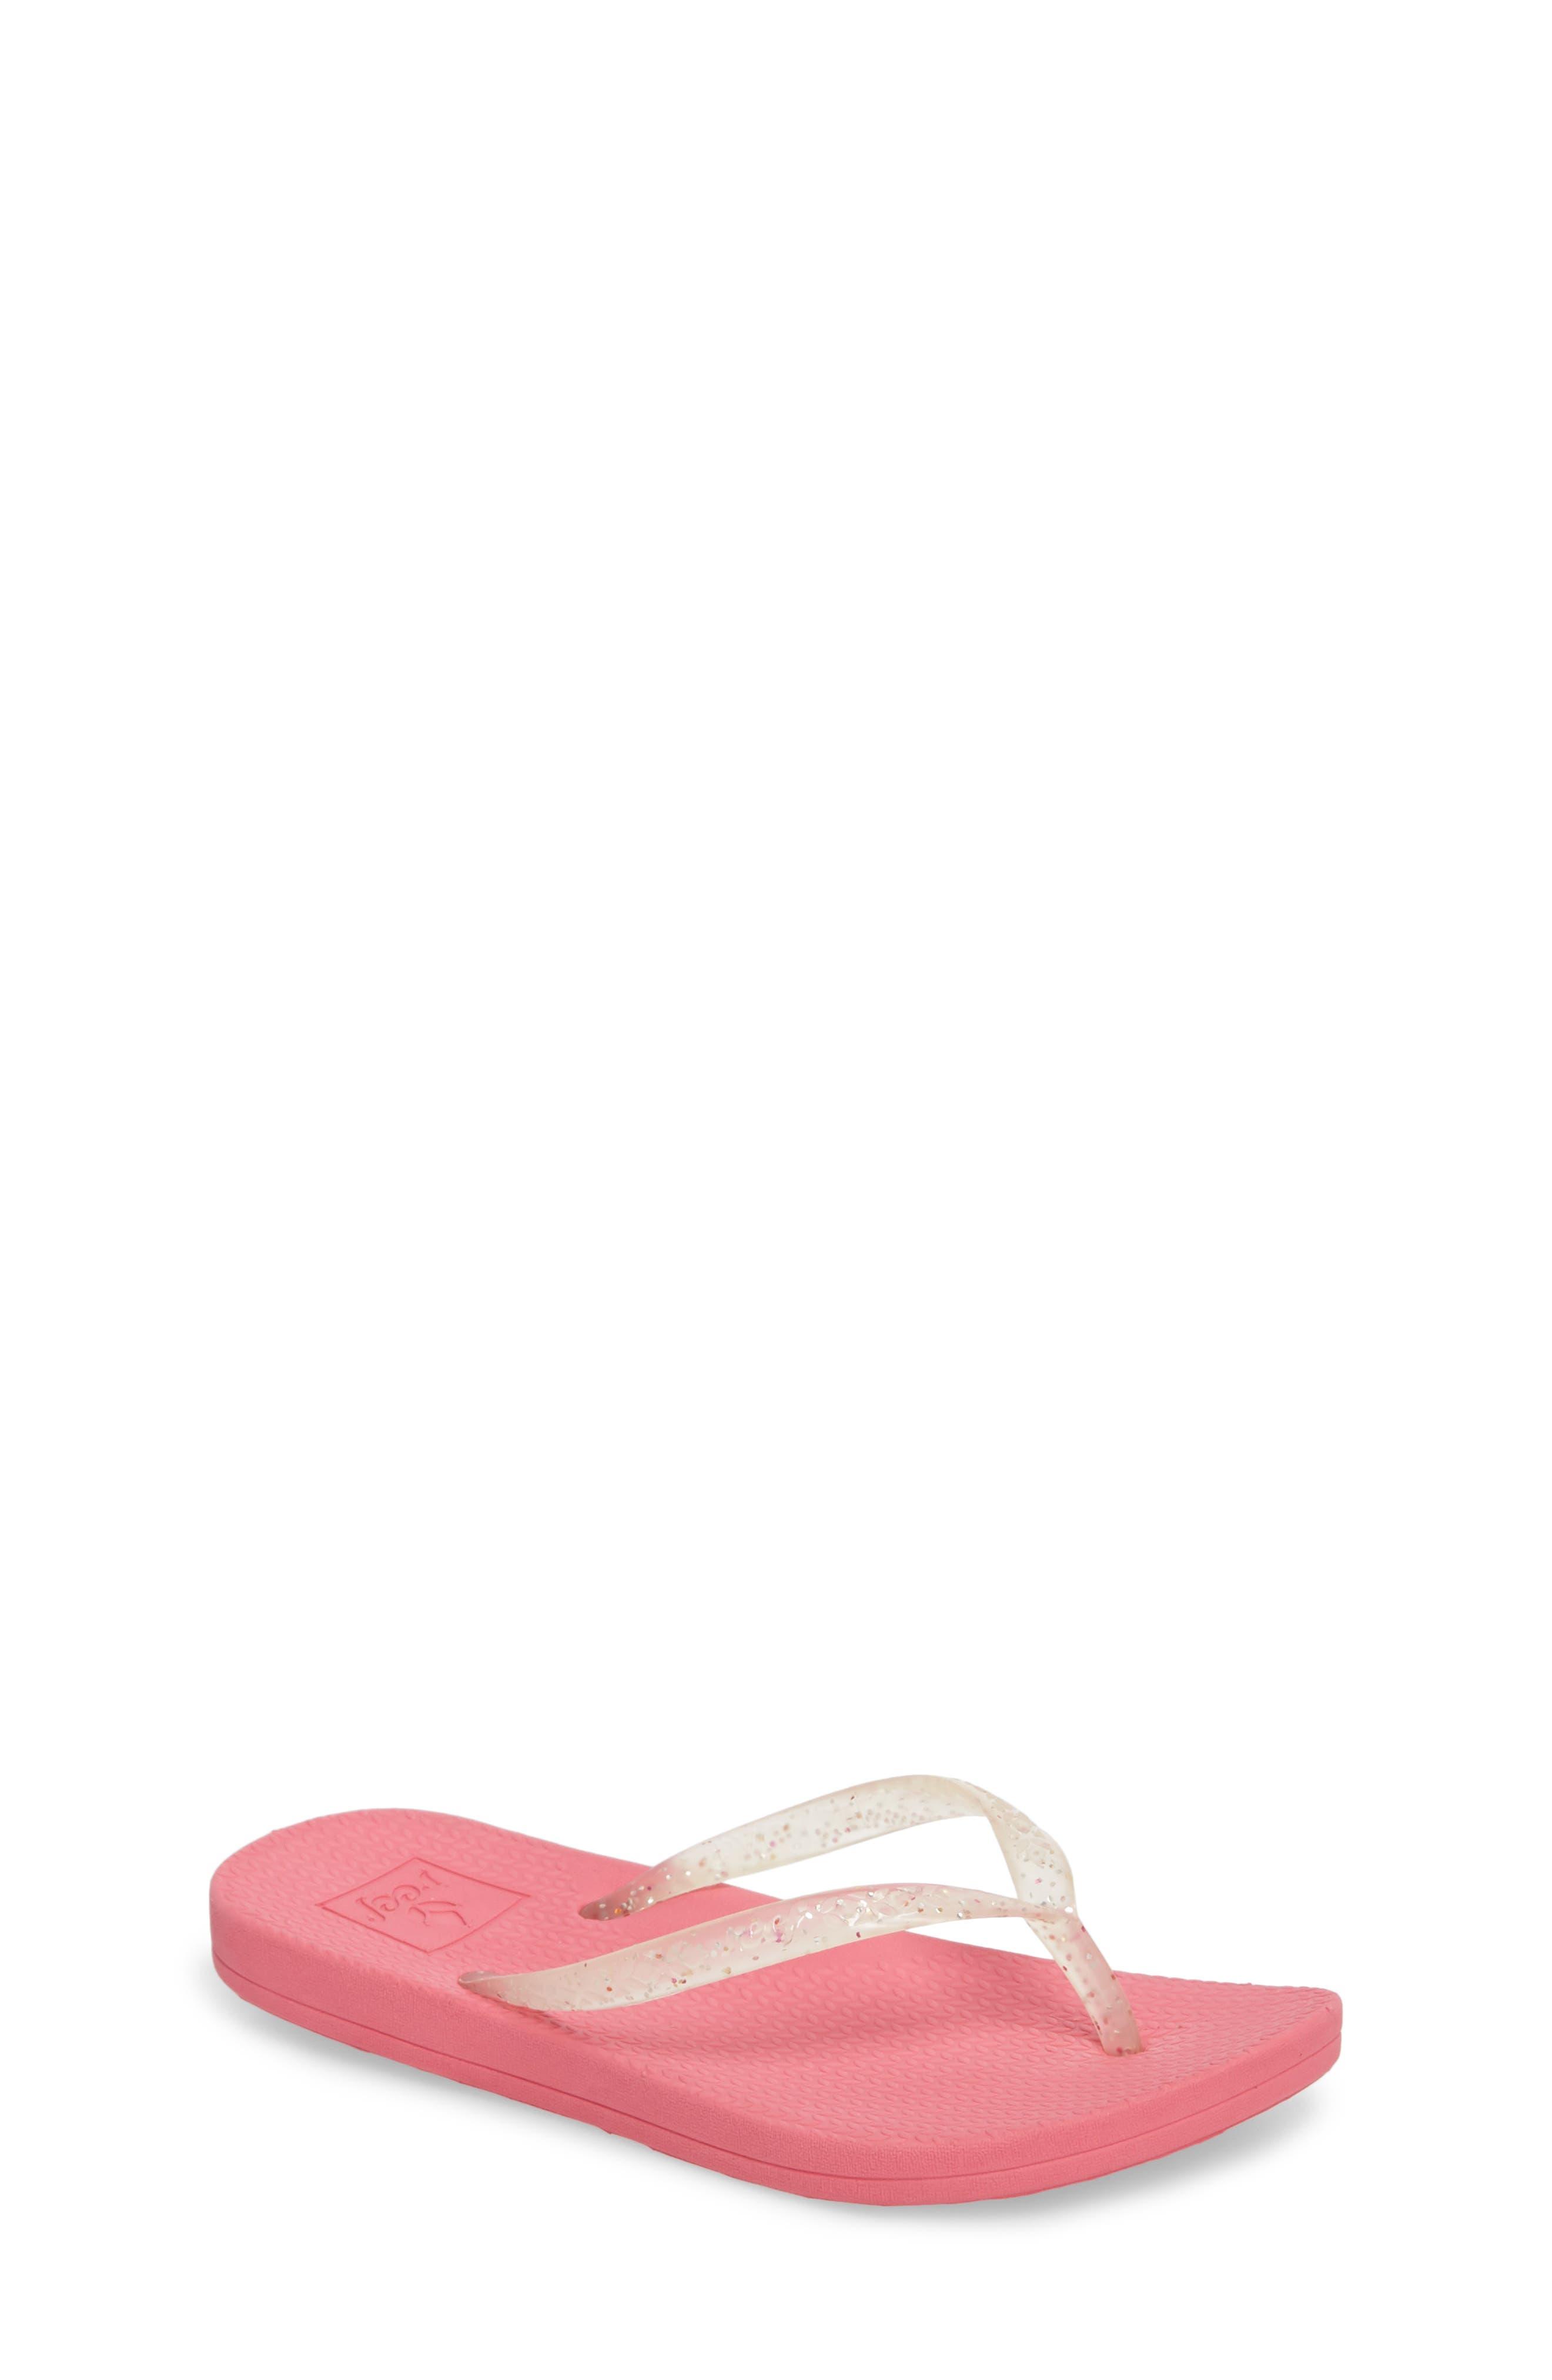 Little Reef Escape Shimmer Flip Flops,                         Main,                         color, Pink